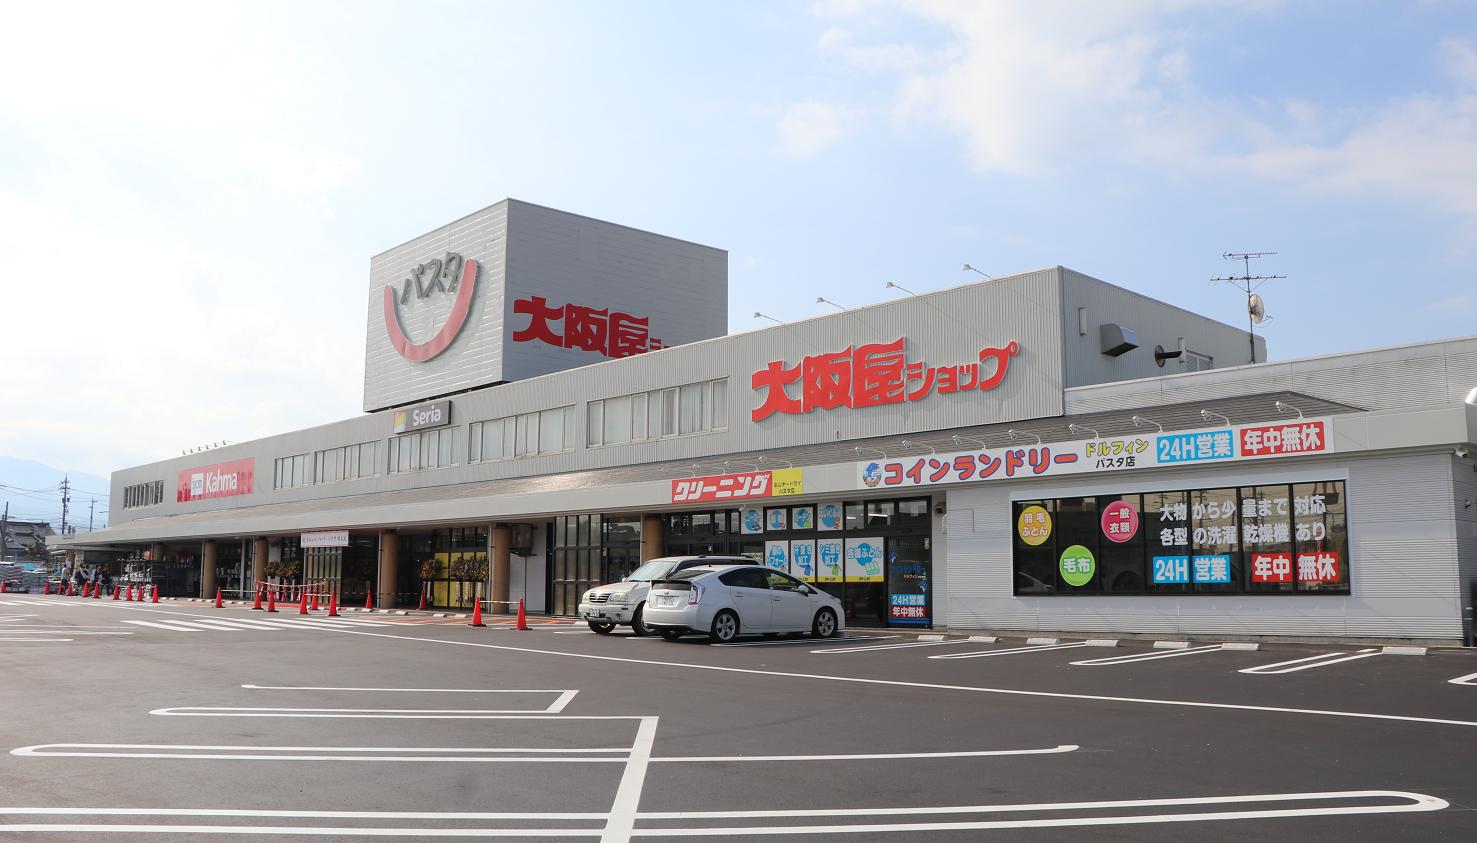 澤田グループ 4店舗目のSCをオープン